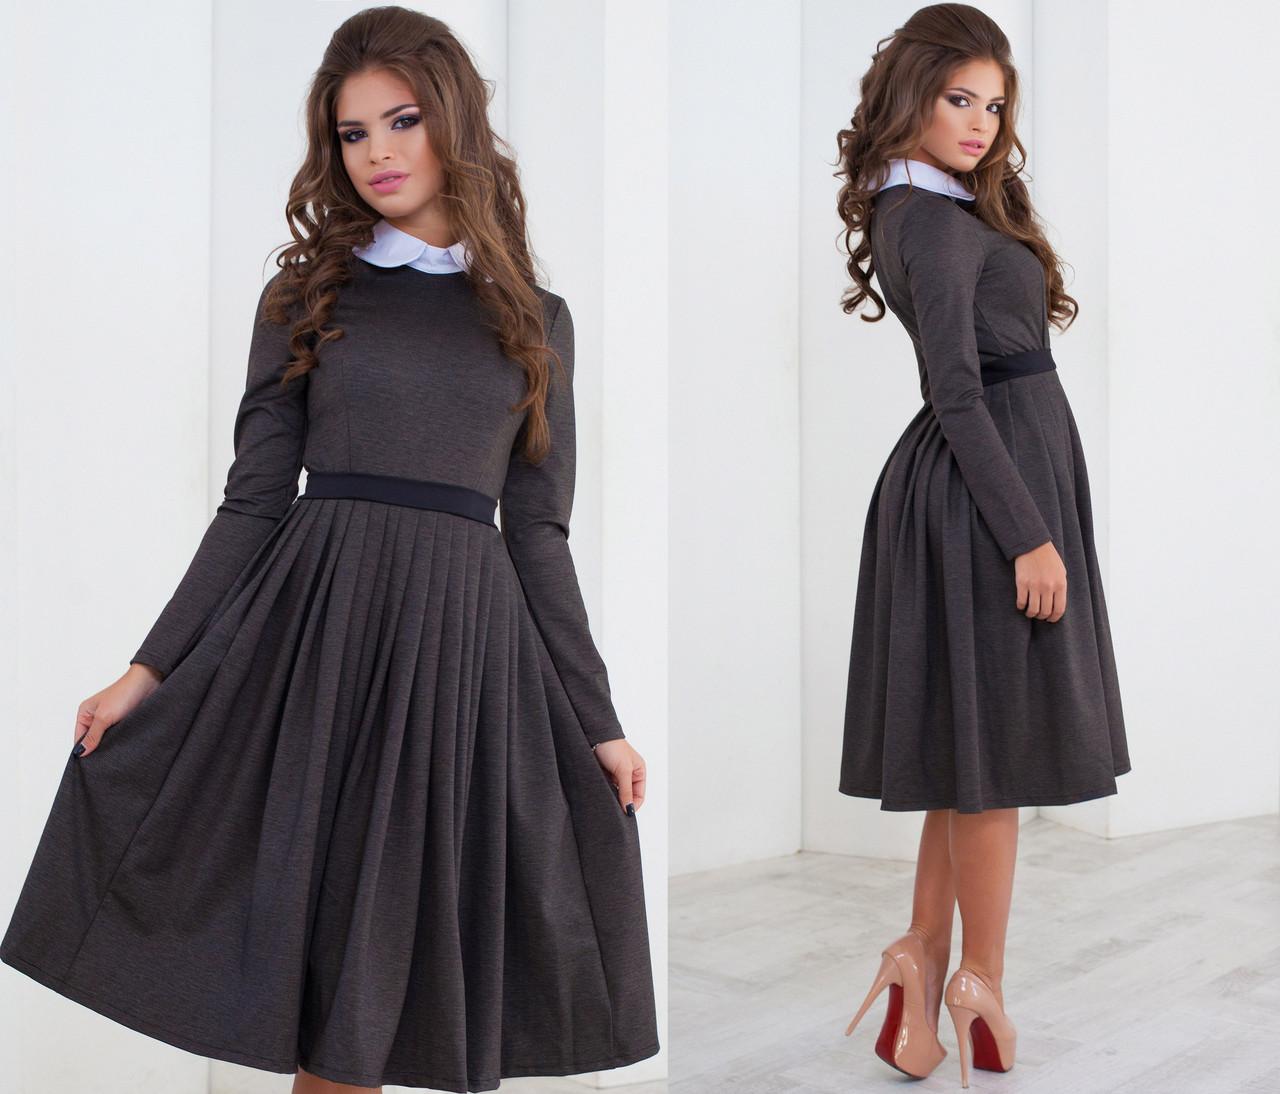 955adcff17e Платье миди с белым воротником и пояском - Стильная женская одежда оптом